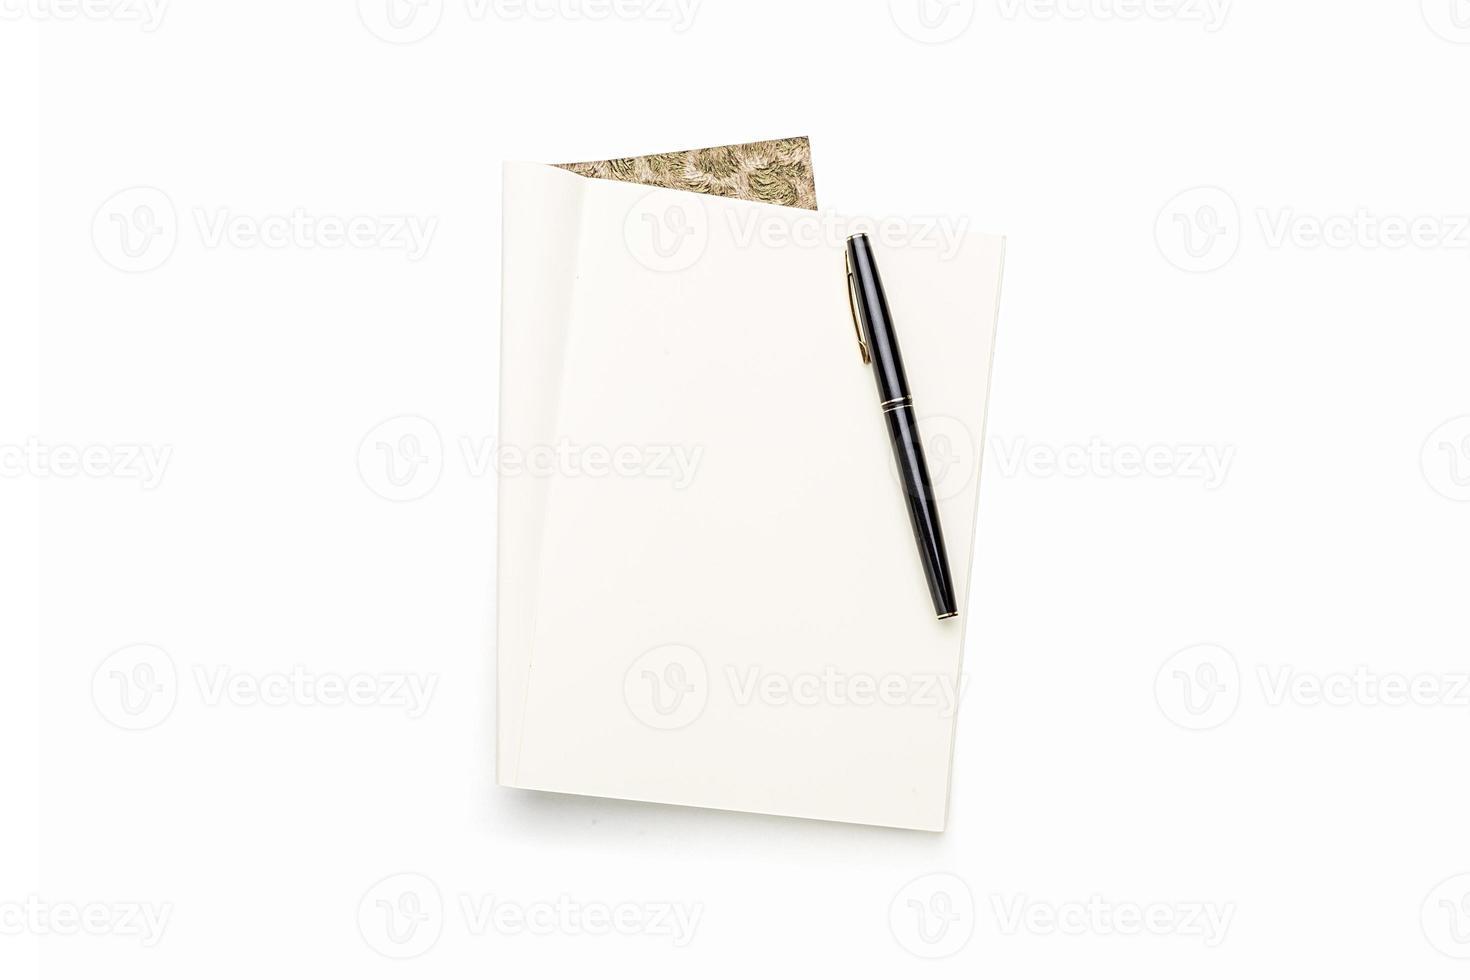 Abra el libro en blanco con lápiz negro, aislado en blanco foto